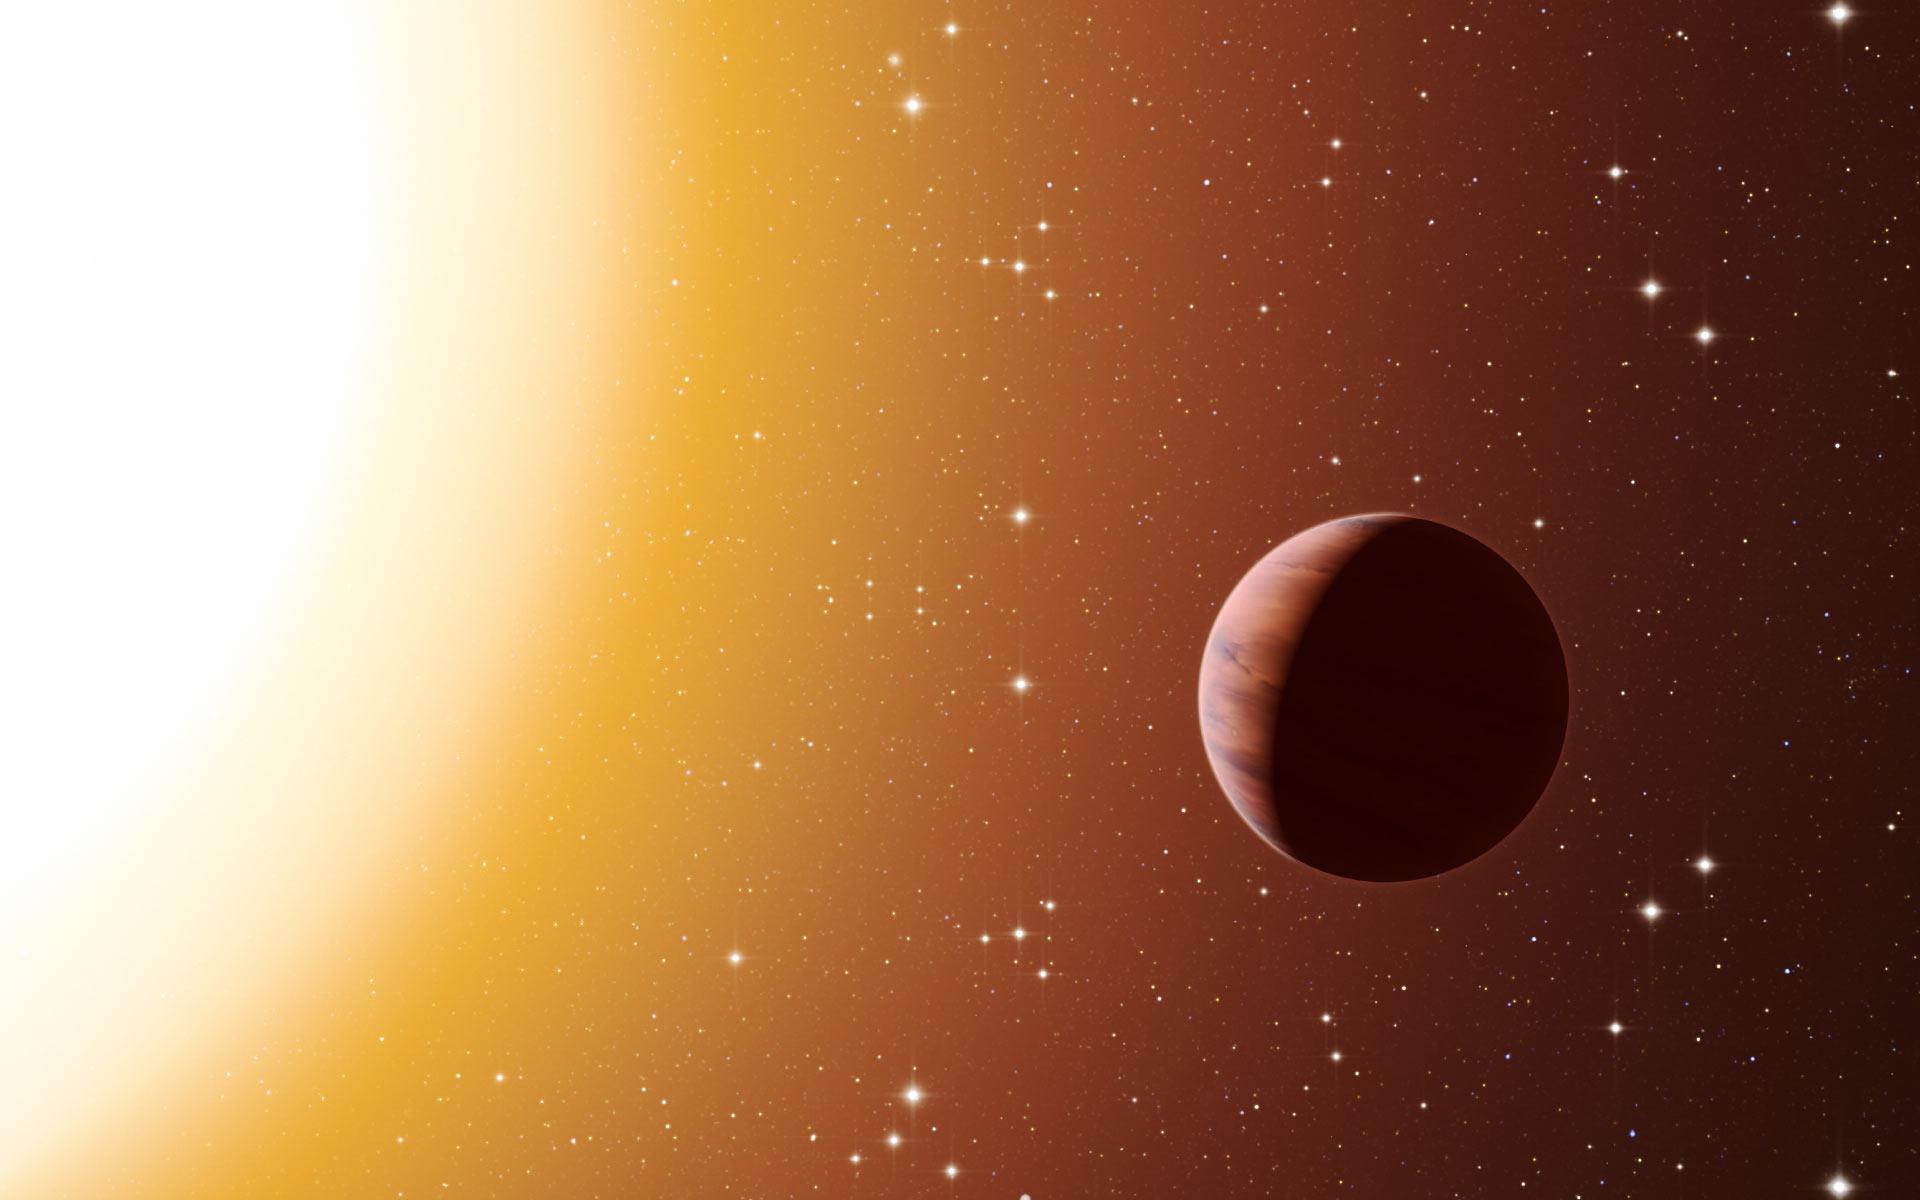 Rappresentazione artistica di un pianeta attorno ad una stella di ammasso. L. Calcada / ESO.